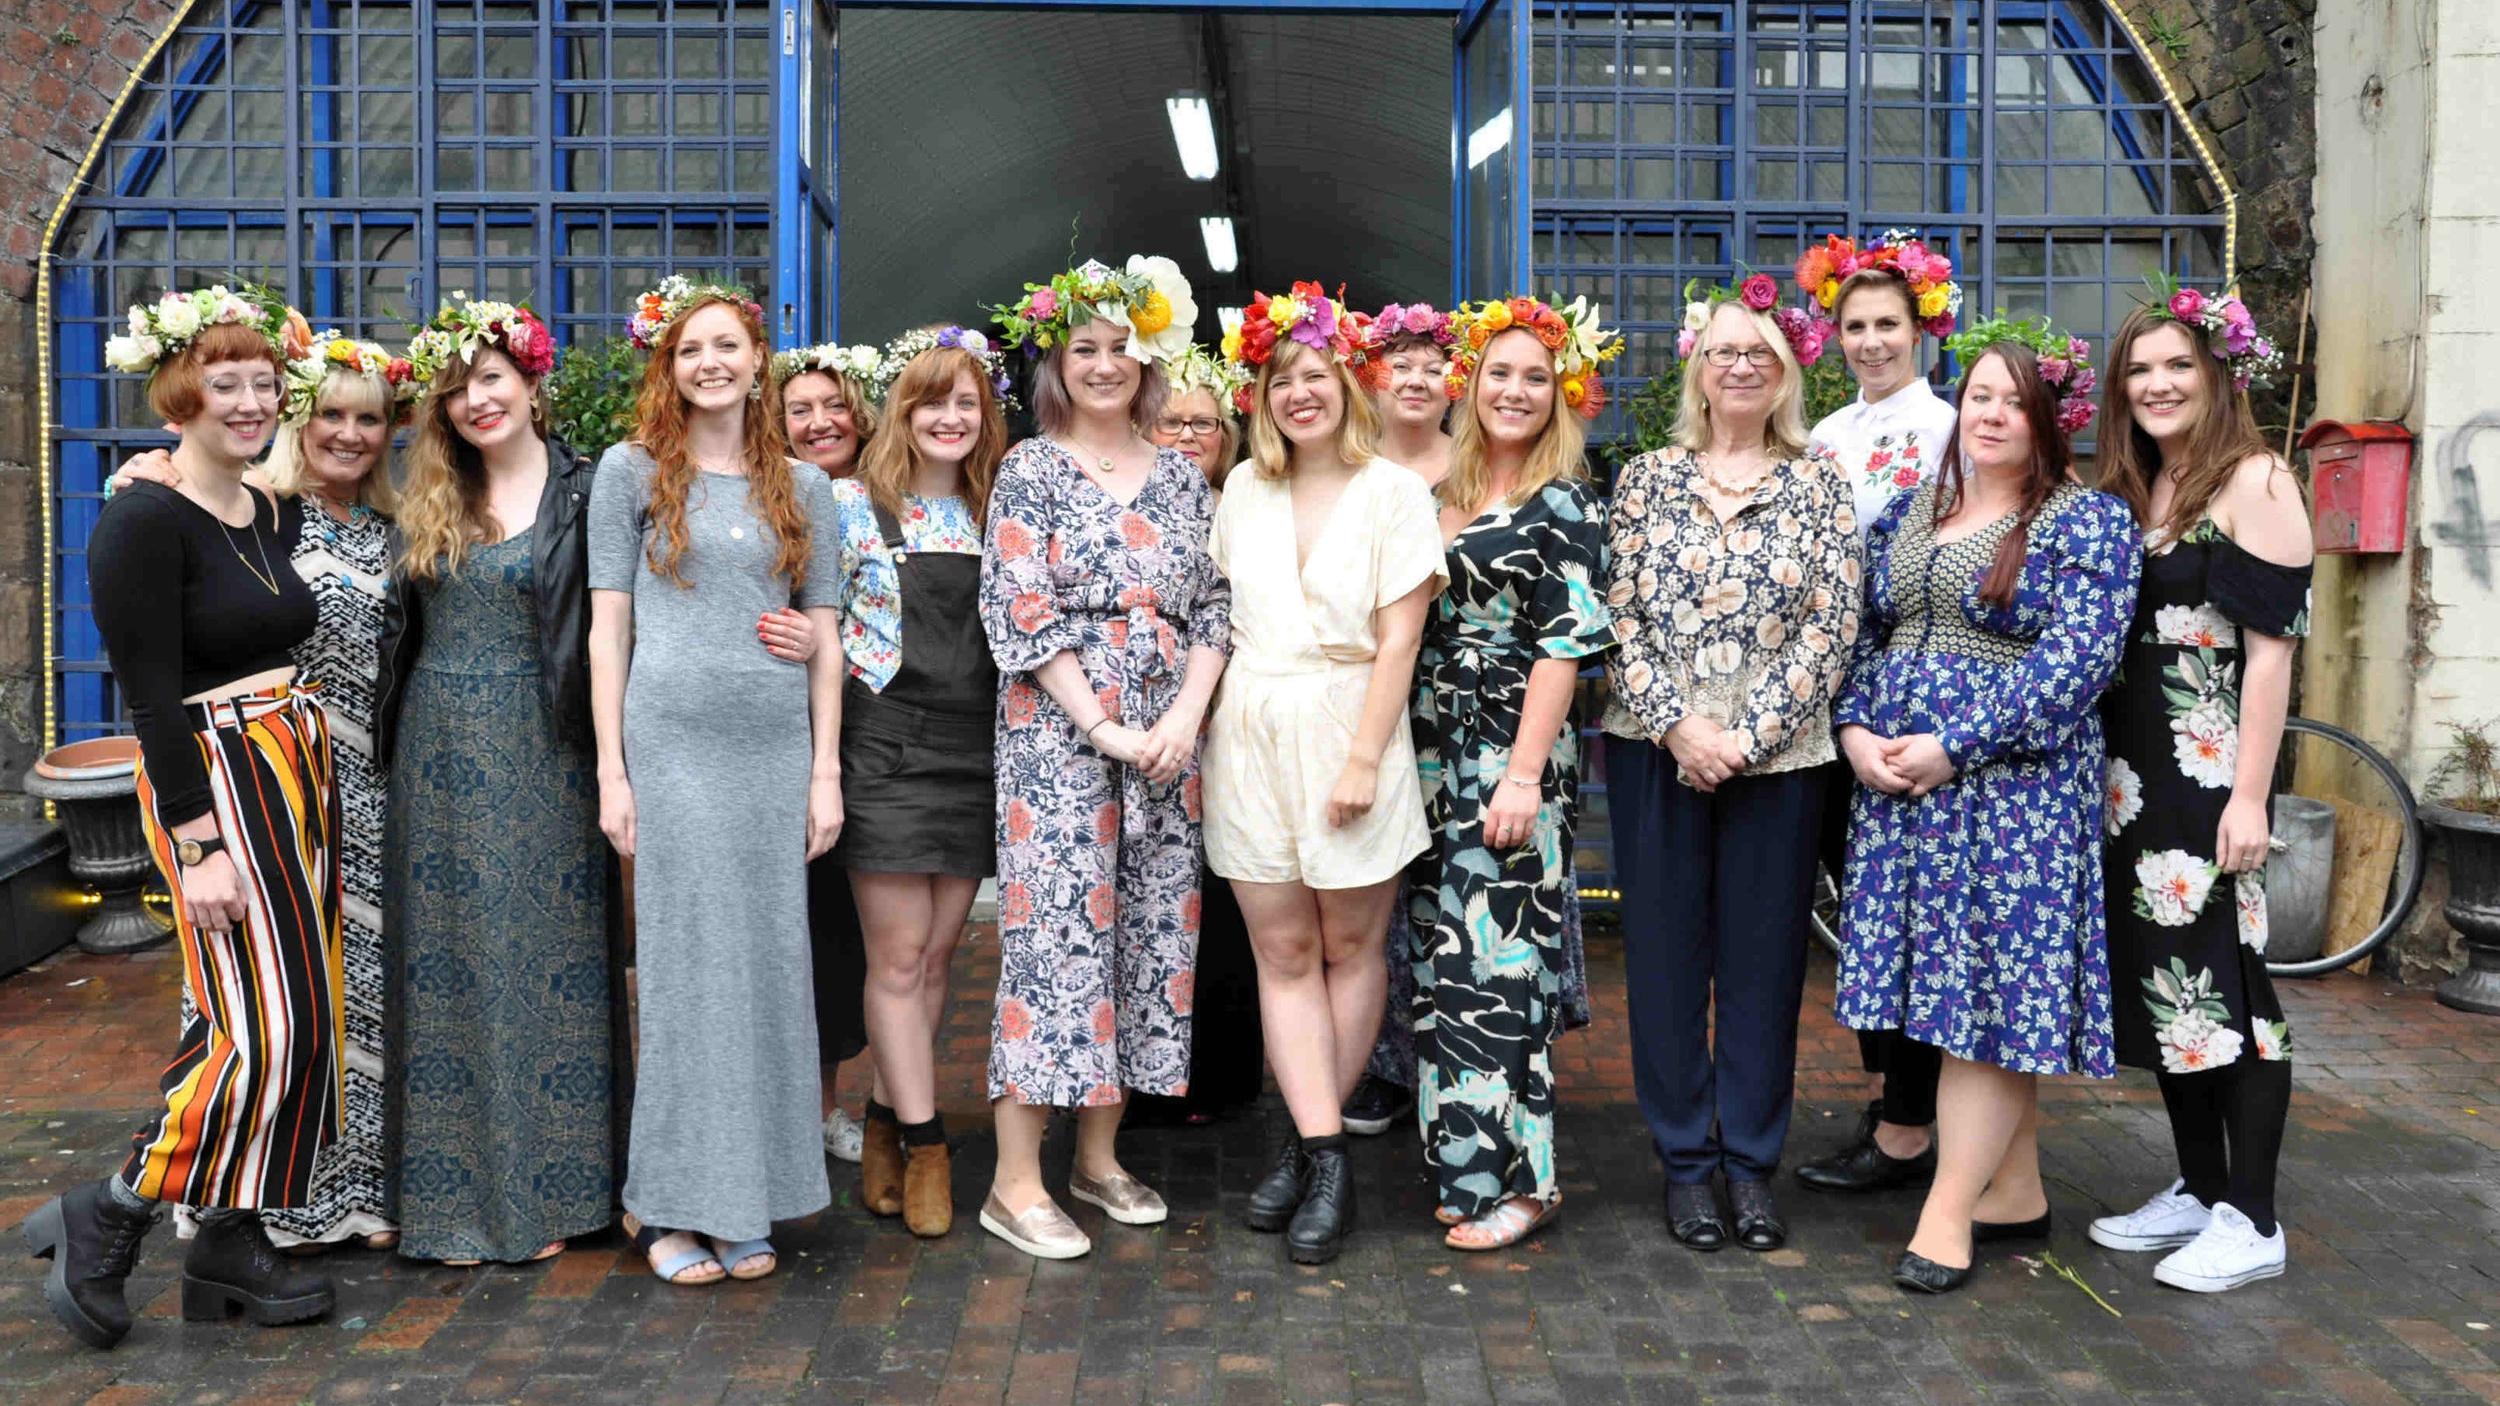 hen party wearing flower crowns